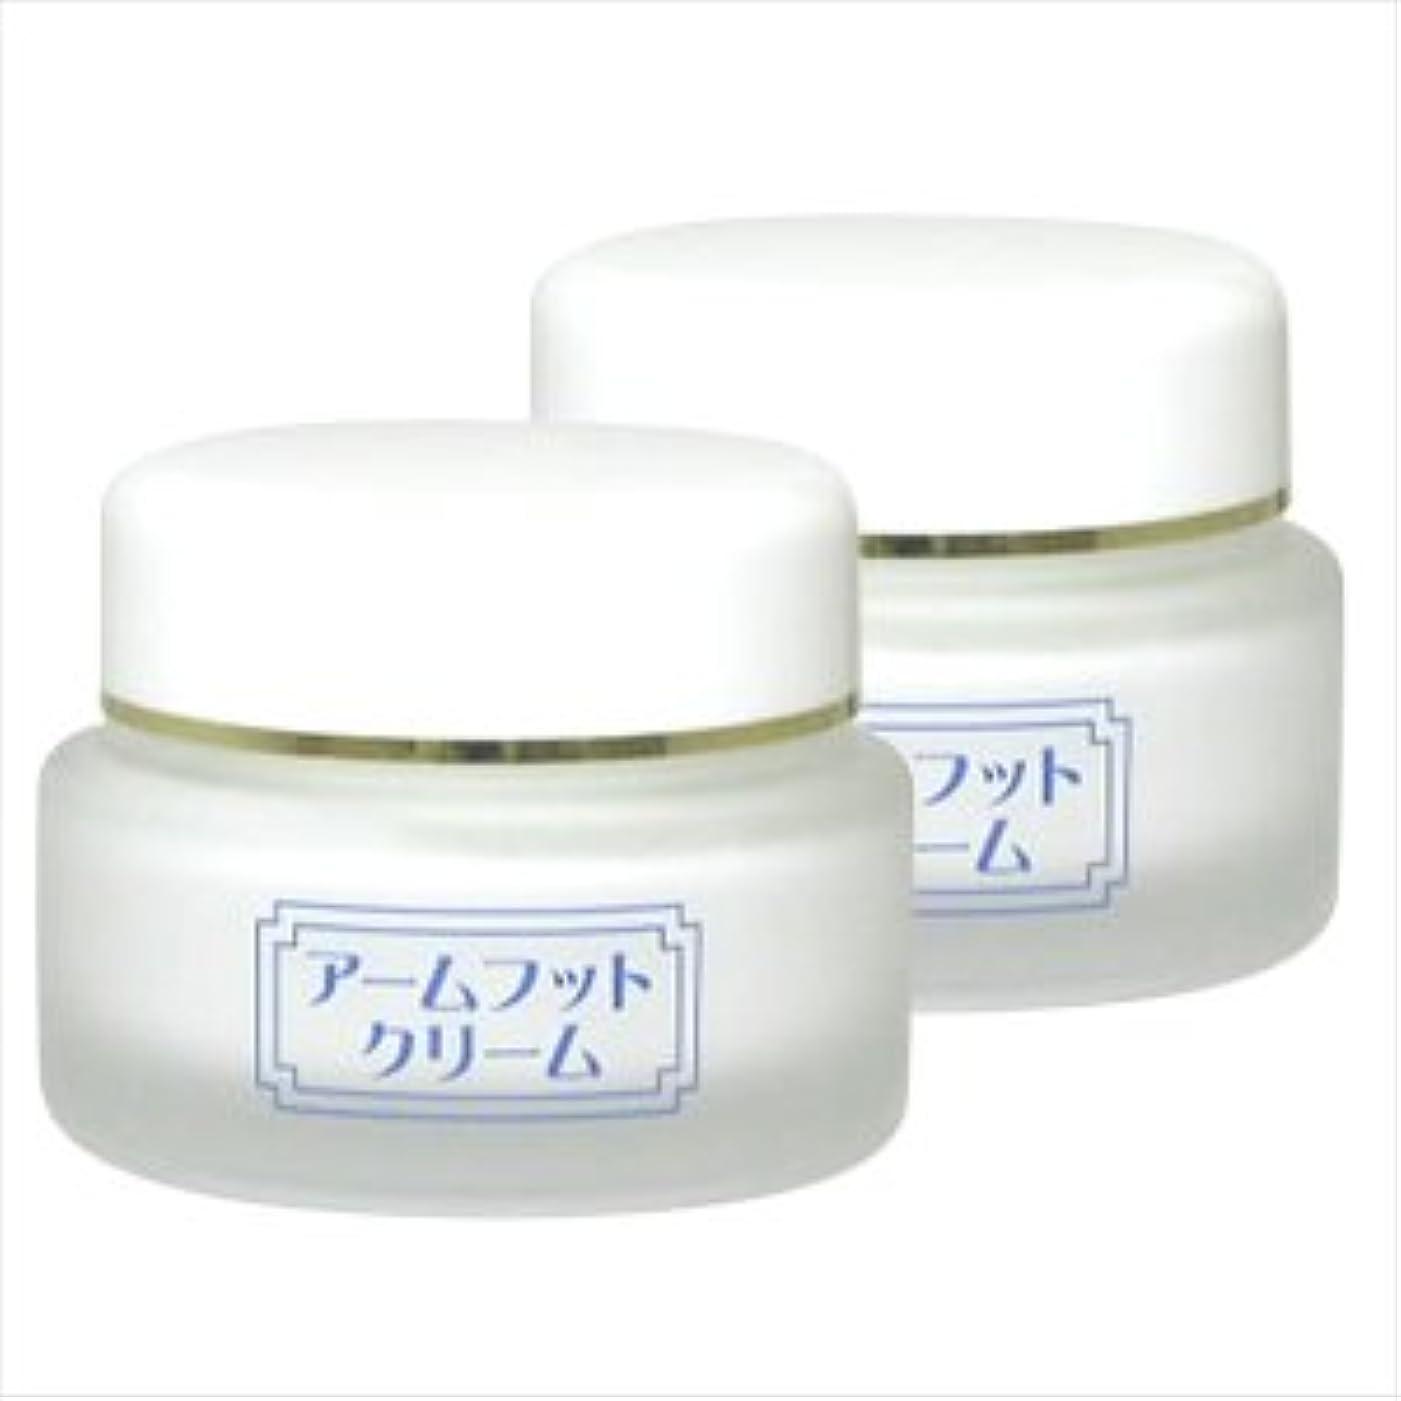 カレンダー切る落ち着かない薬用デオドラントクリーム アームフットクリーム(20g) (2個セット)